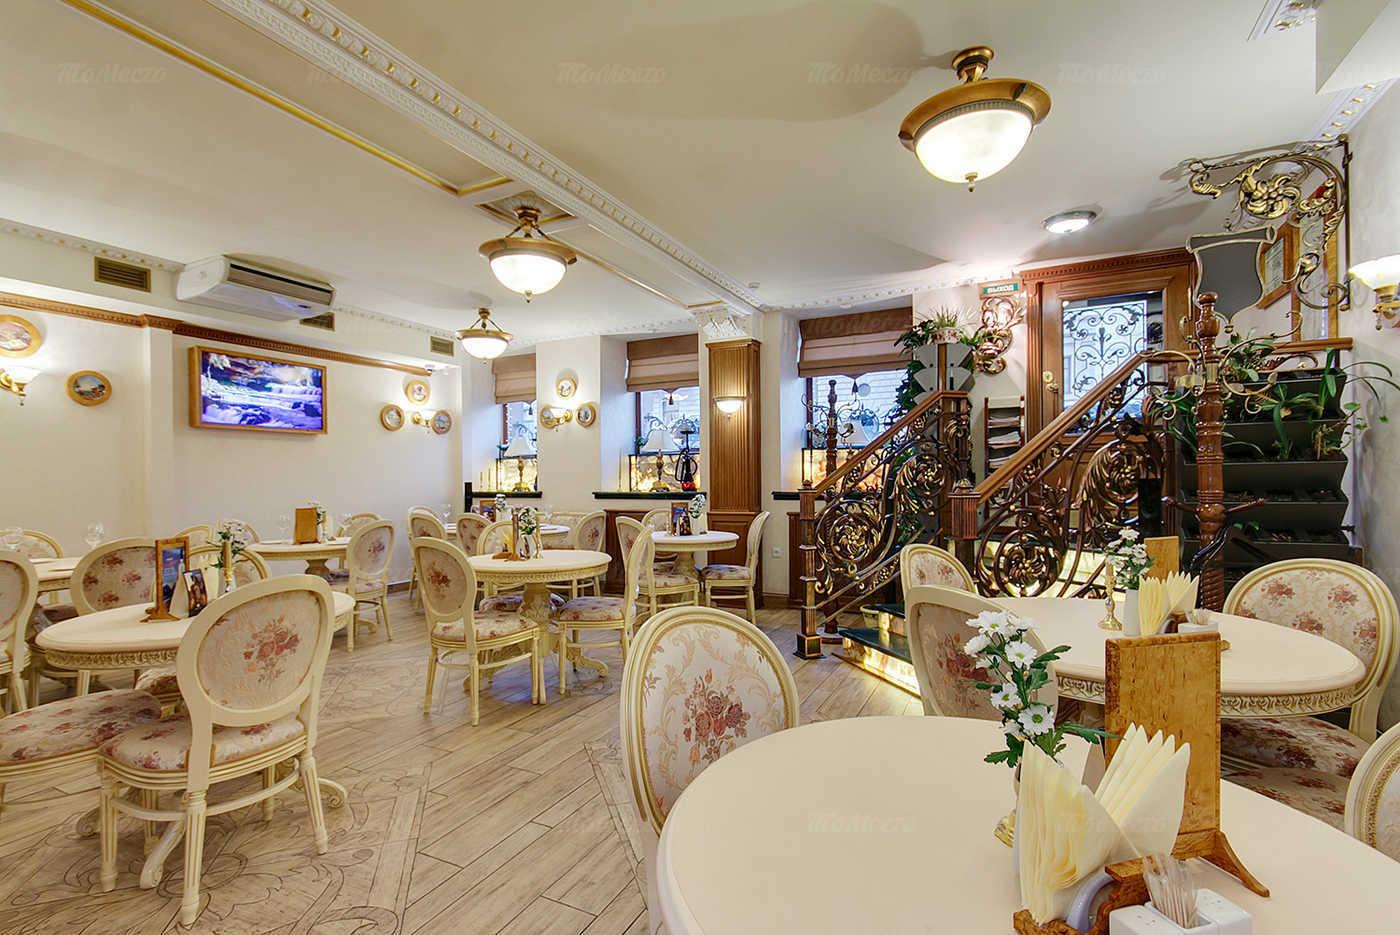 Меню кафе, ресторана Версаль на 8-й линии